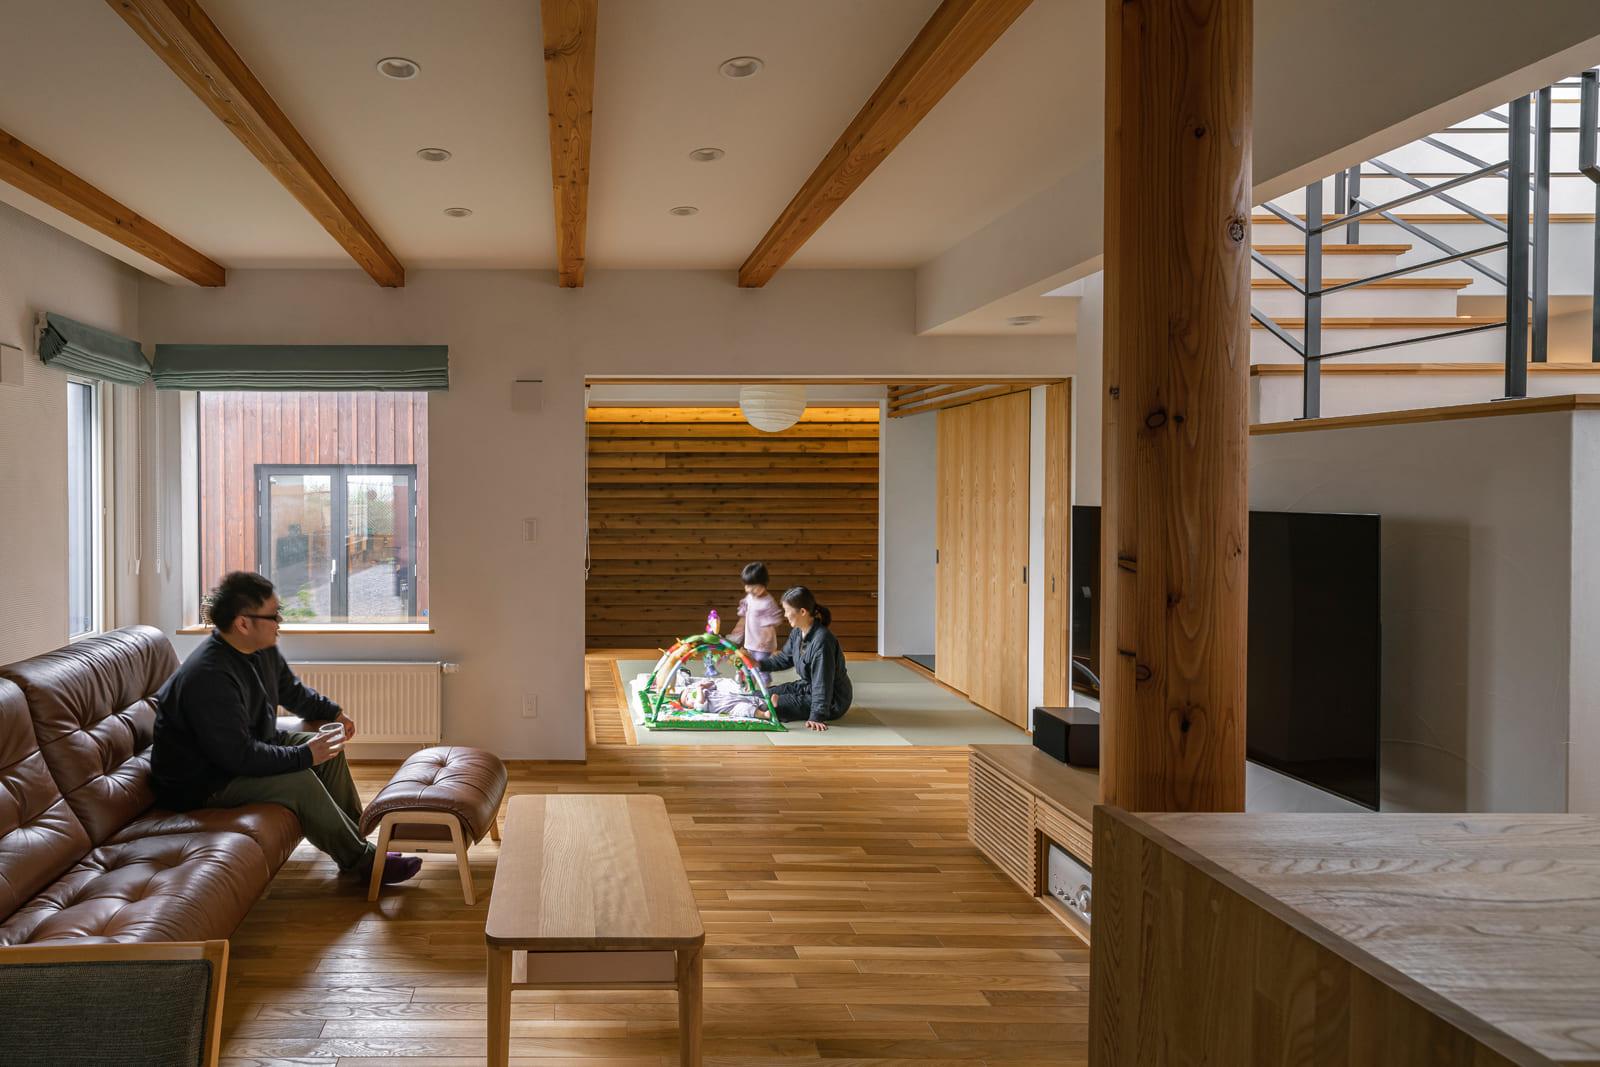 キッチンからは1階フロアが一望できる。自然素材の温もりあふれる室内は、床はナラ無垢材、壁は珪藻土仕上げ